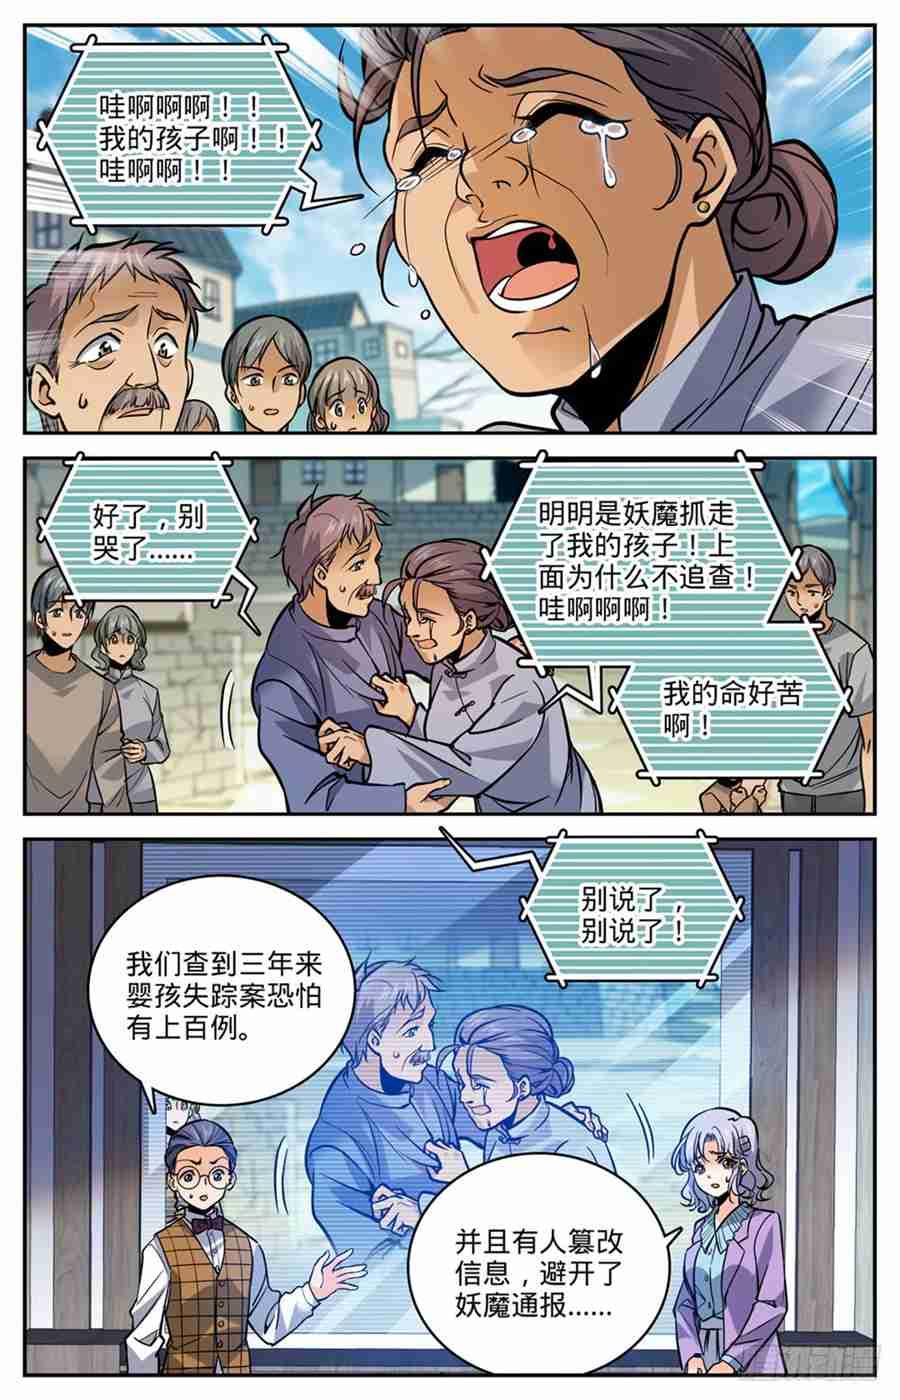 【漫画更新】全职法师,里番在线acg本子网站-小柚妹站